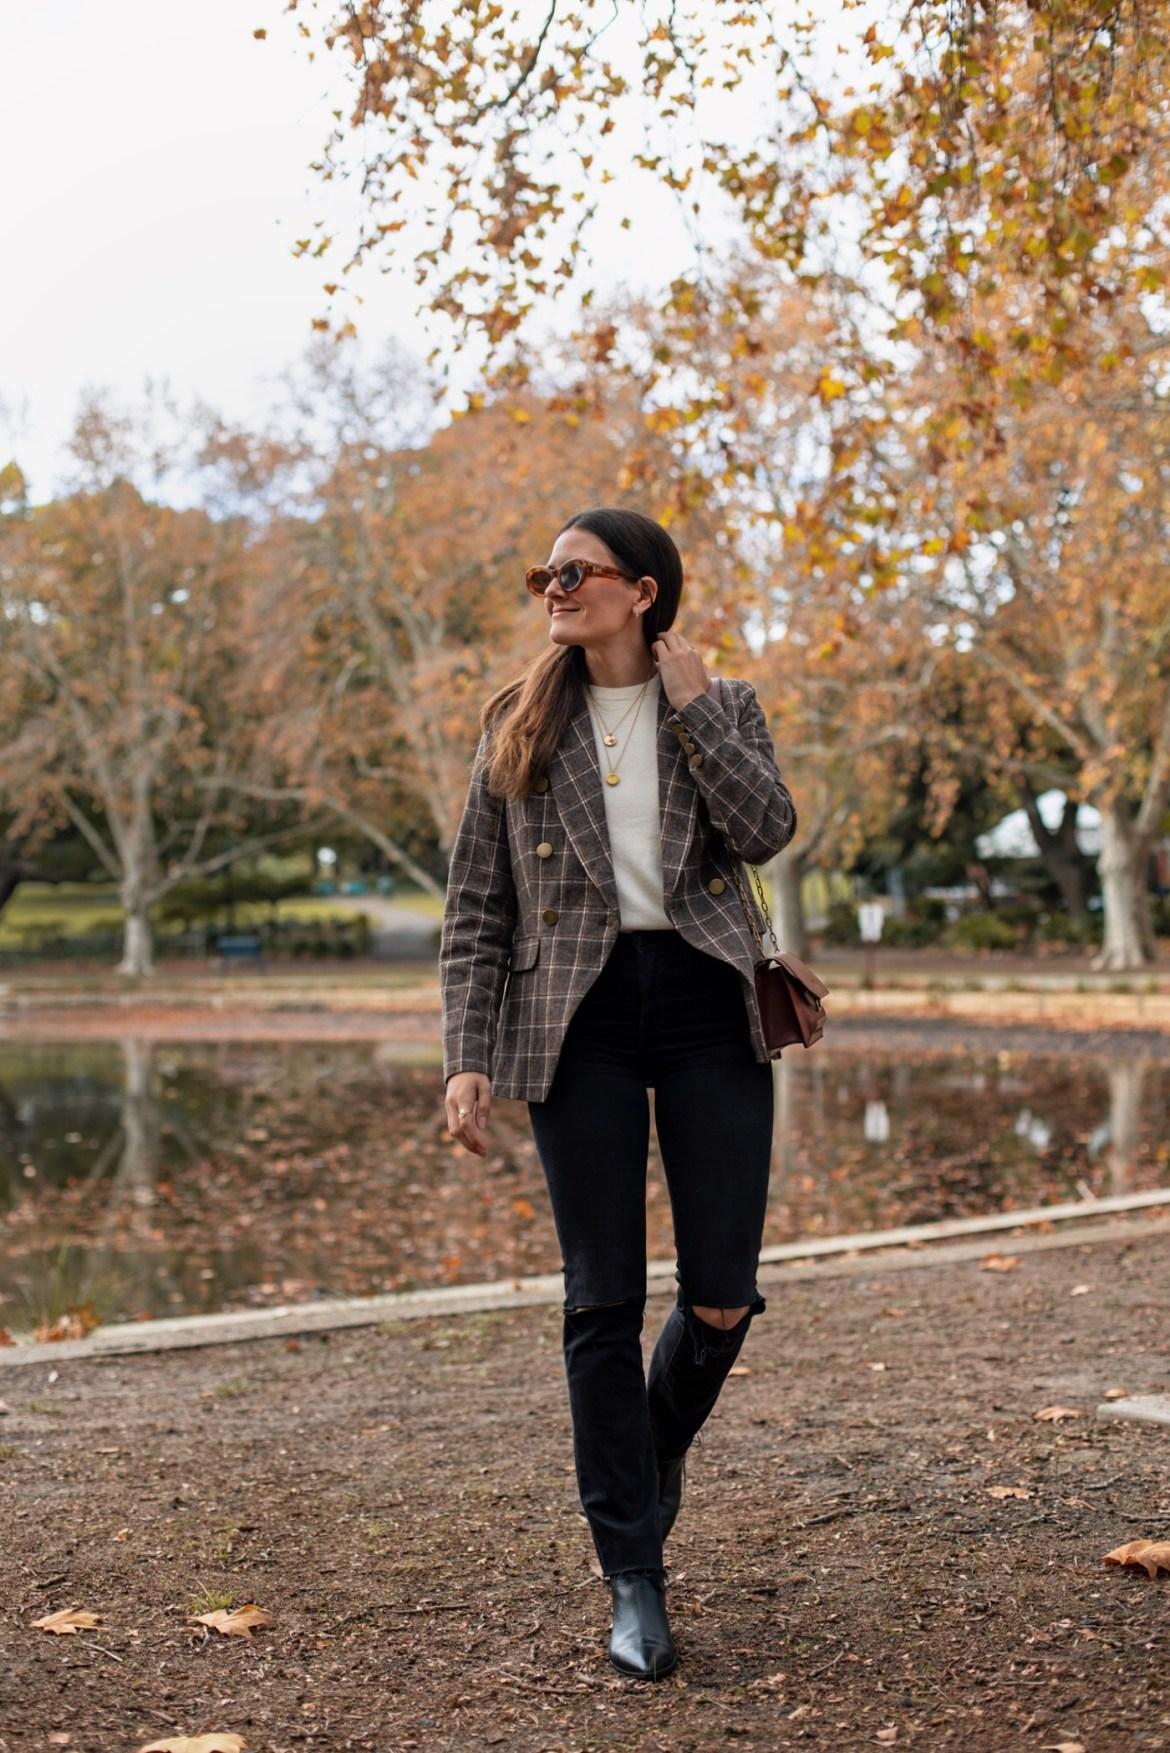 Autumn Fall fashion edit outfit idea